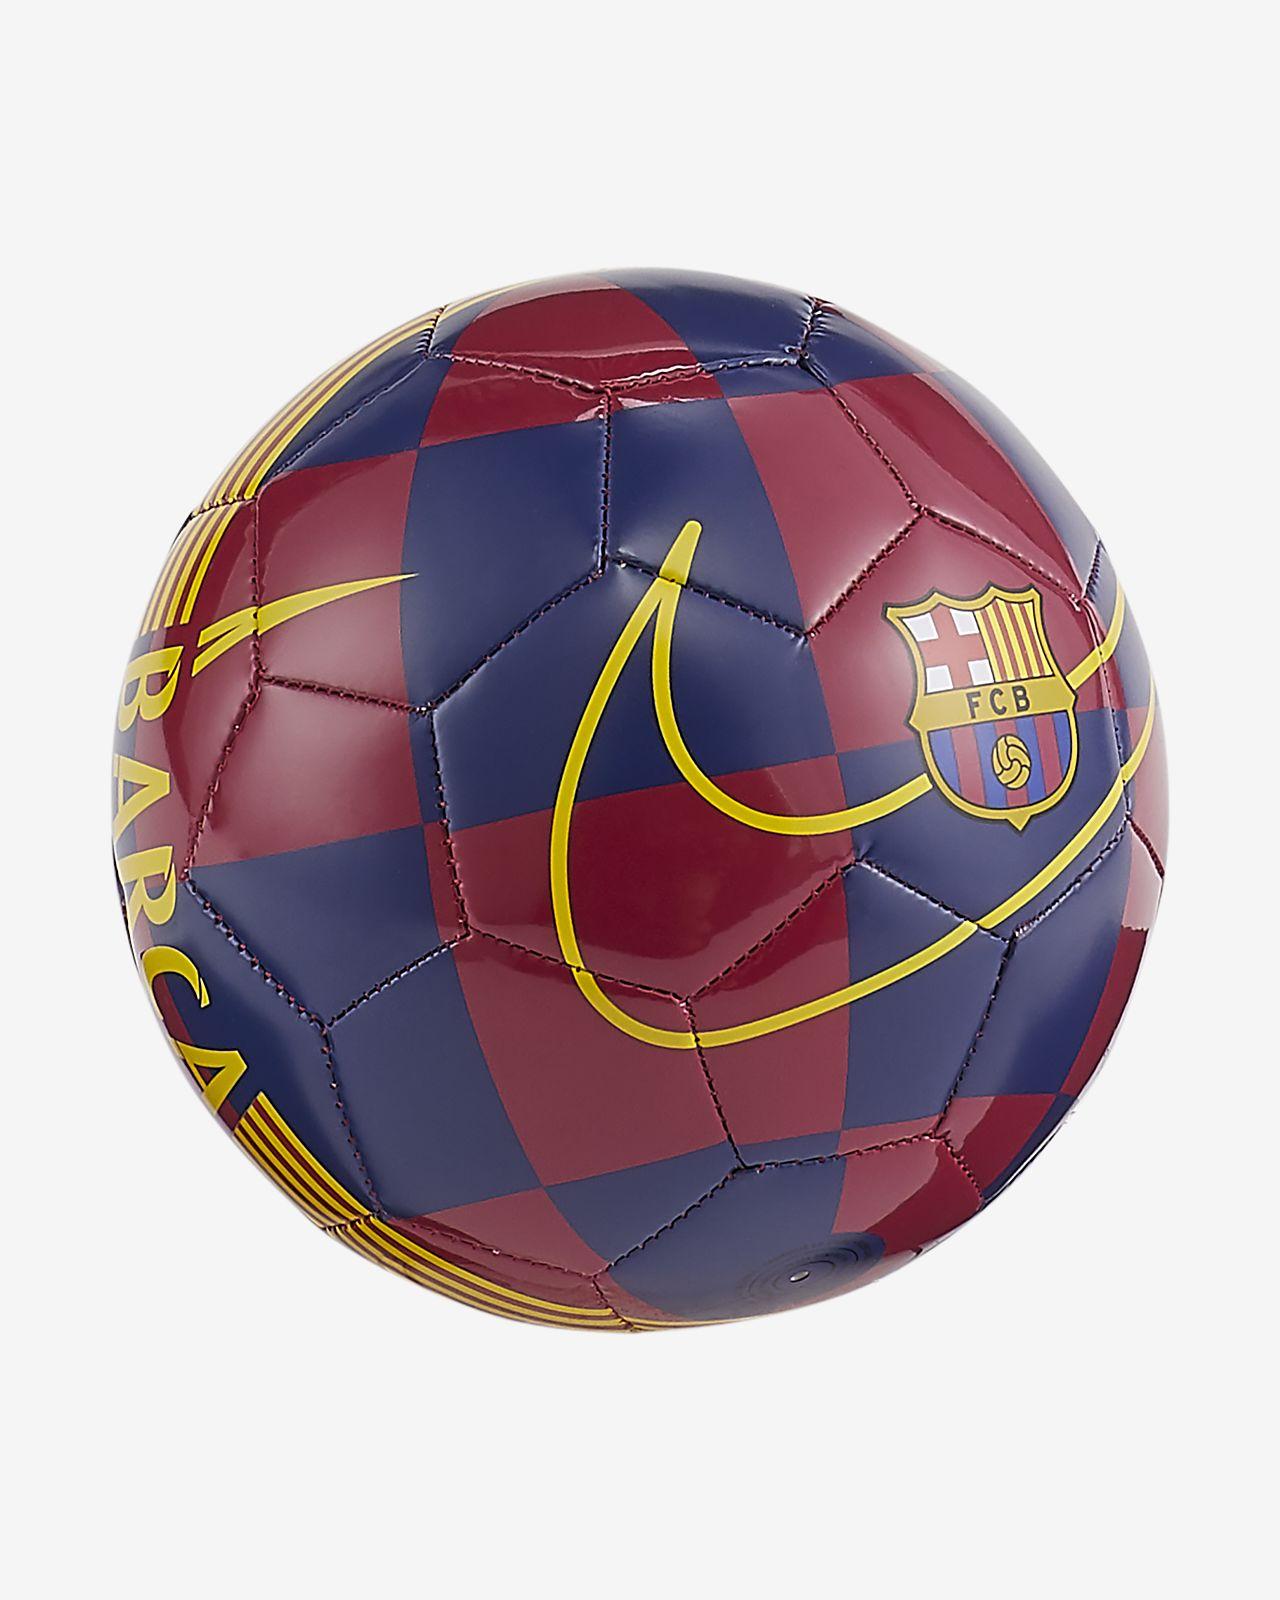 Μπάλα ποδοσφαίρου FC Barcelona Skills